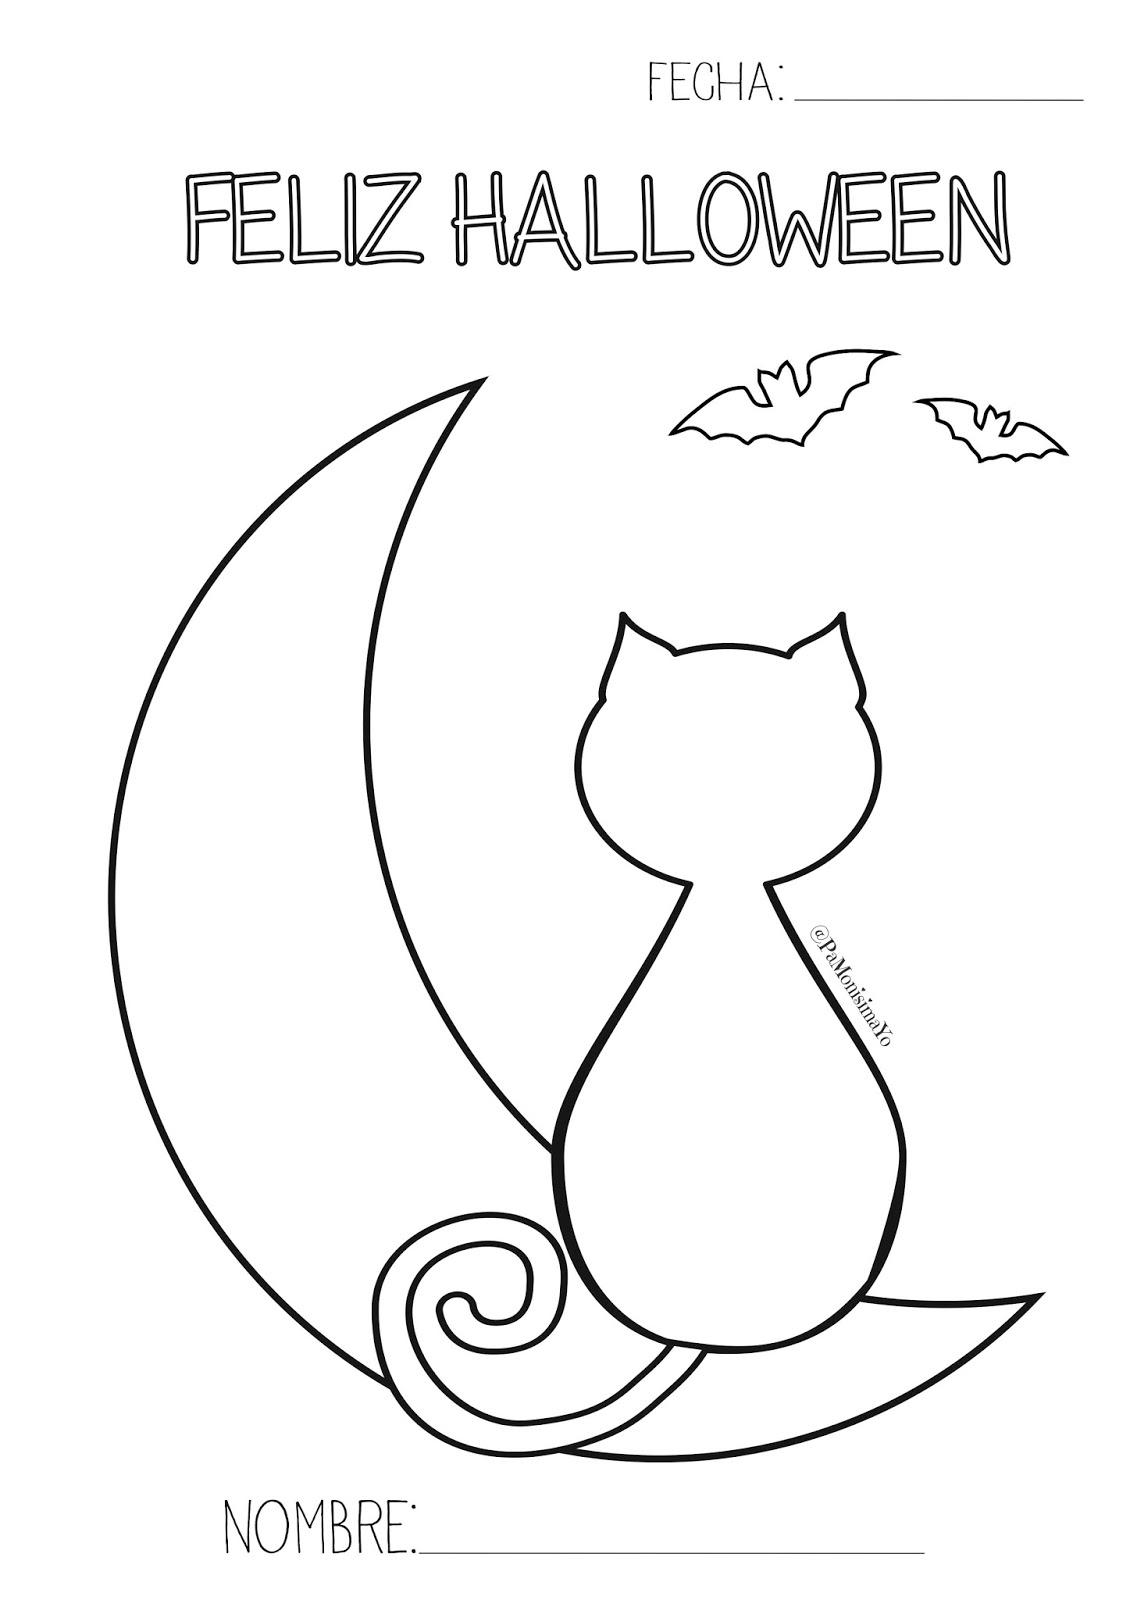 Pa Monísima: Yo: Imprimibles Halloween para Pintar